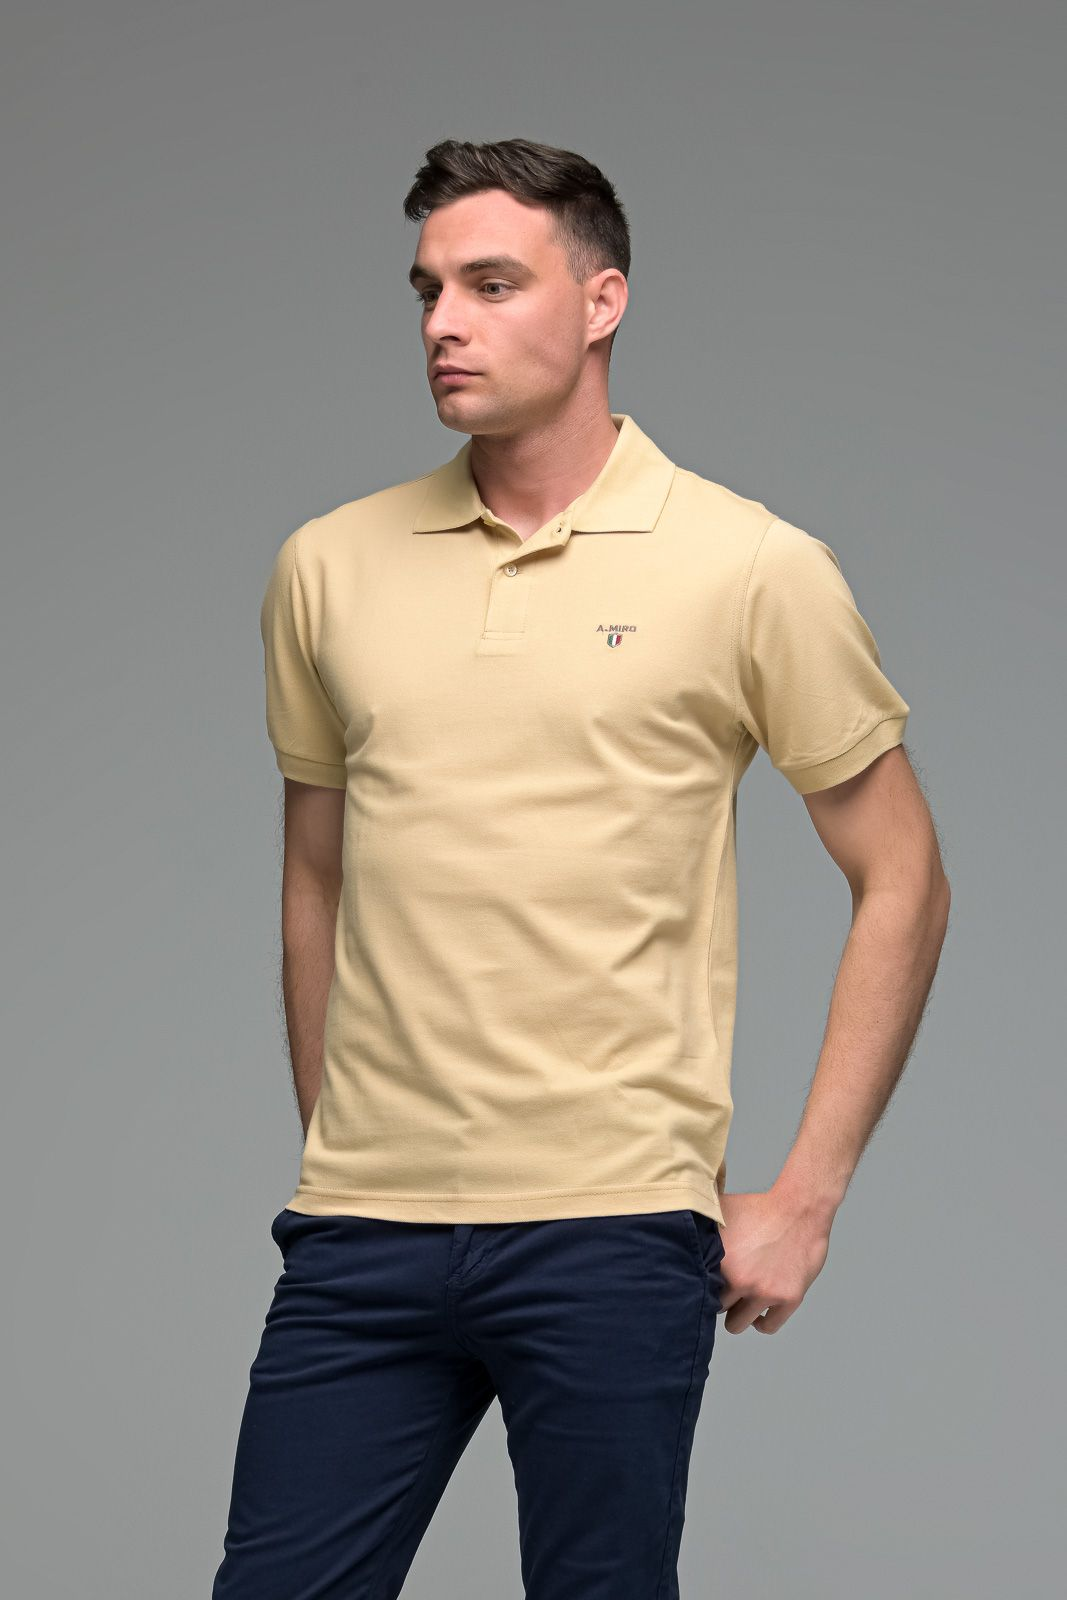 Μονόχρωμο Ανδρικό Πόλο Μπλουζάκι Σκούρο Μπεζ Basic Collection- Slim Fit